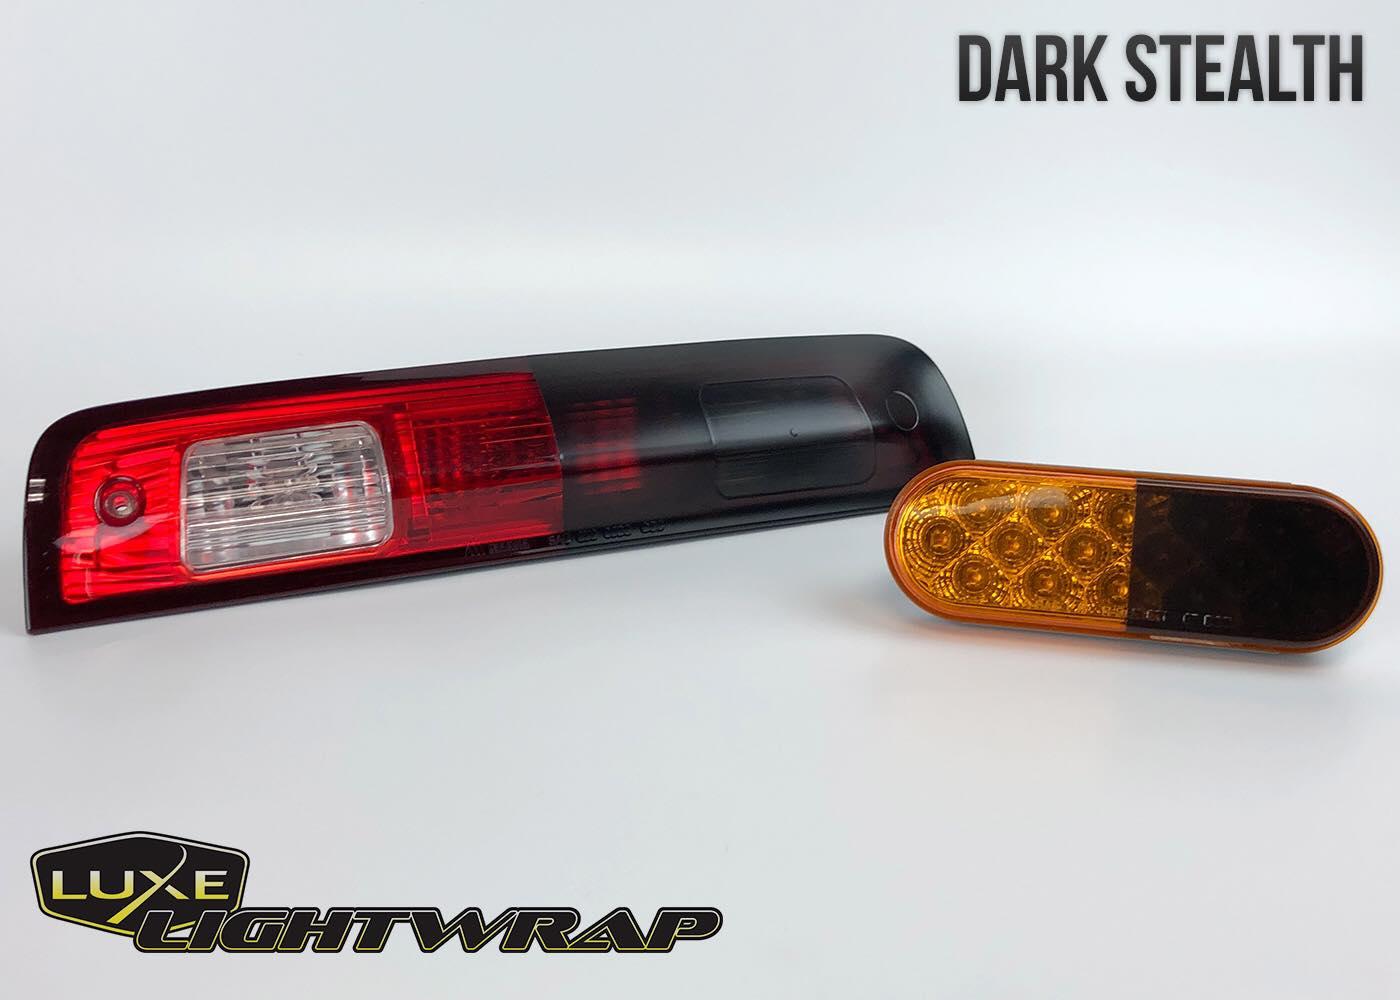 Dark stealth